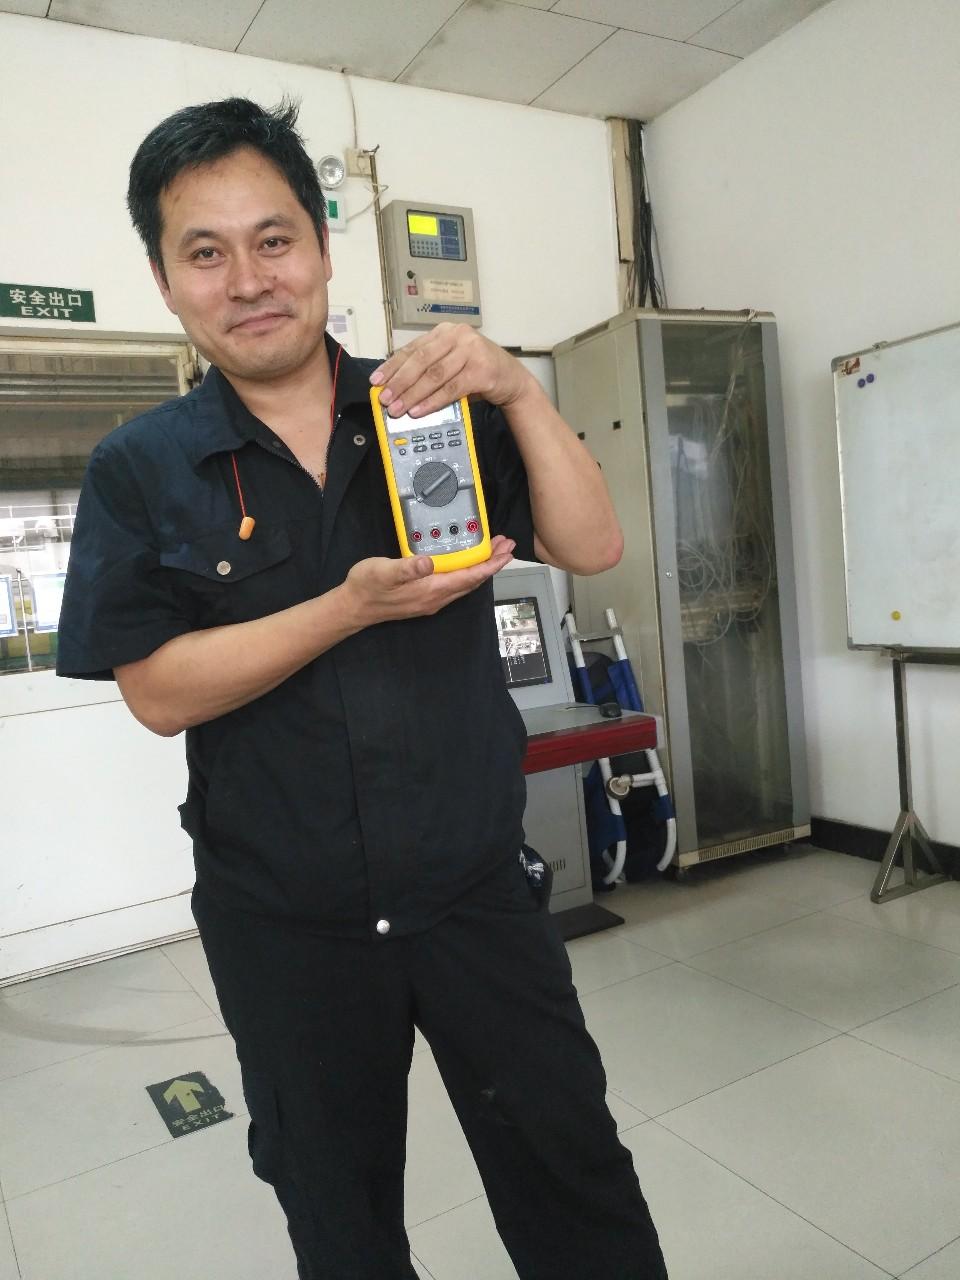 【福禄克POLO】电气工程师的必备之选